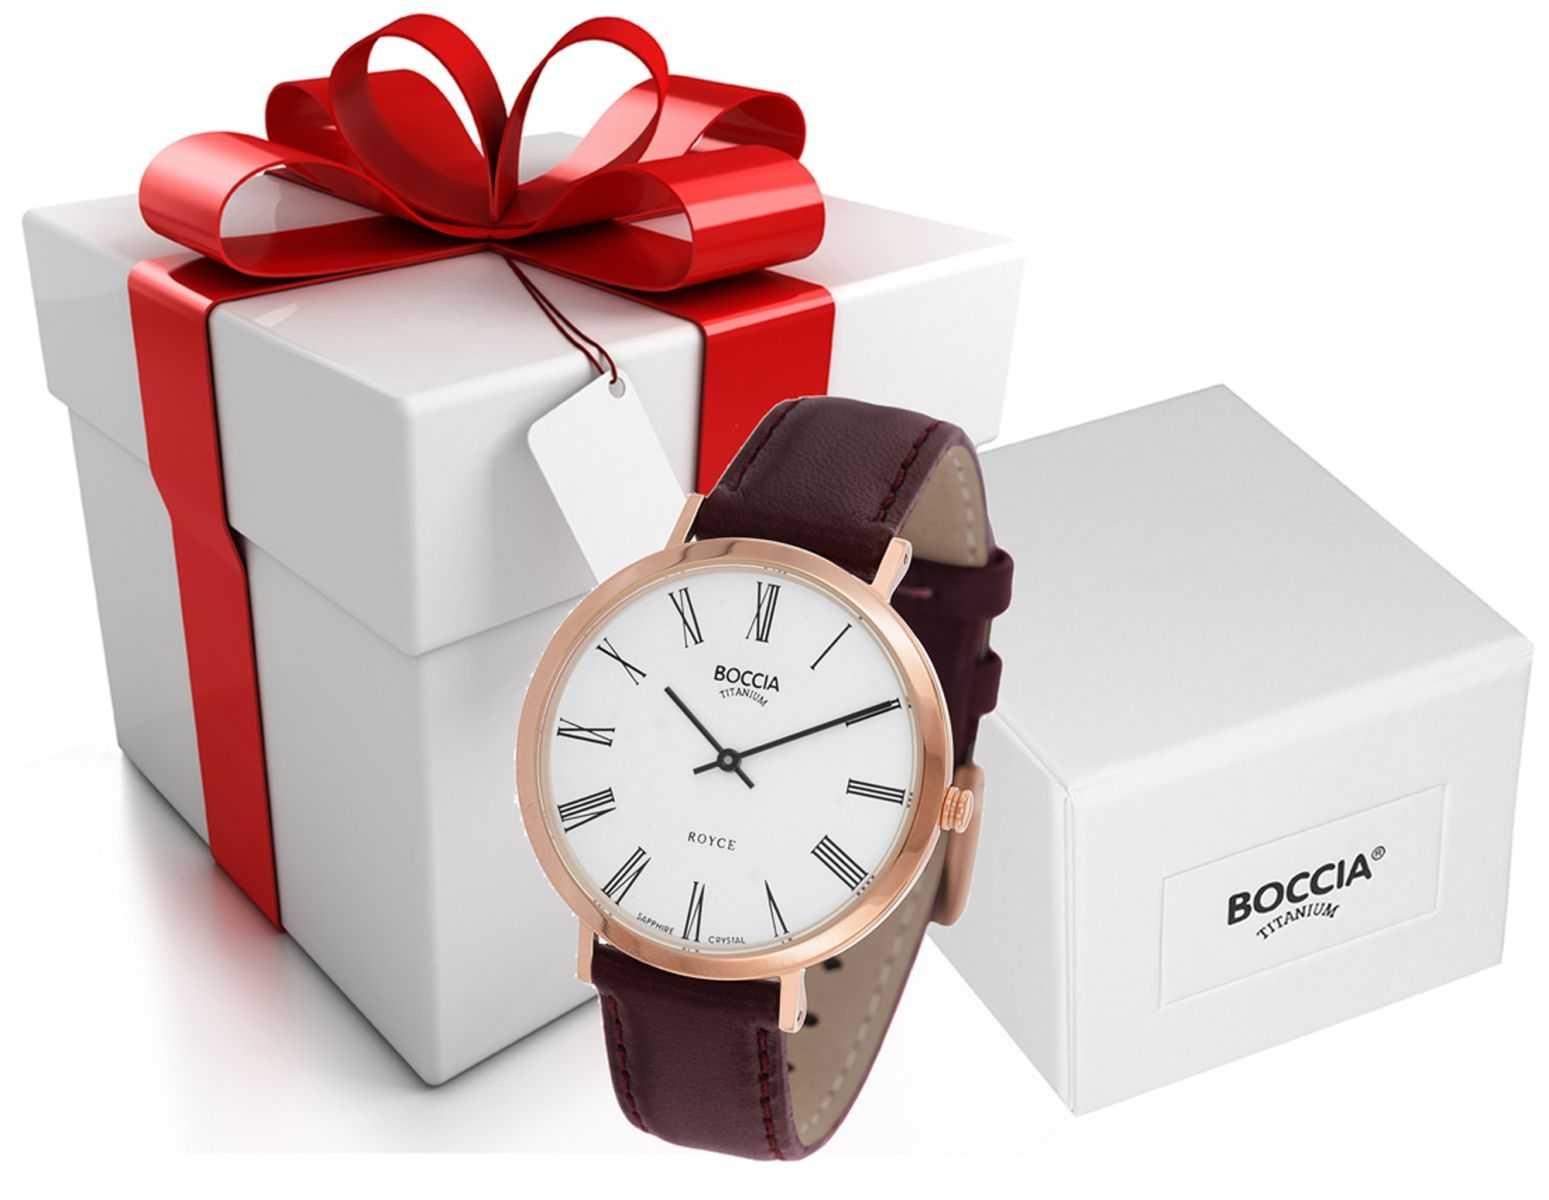 Часы как подарок отзывы 396